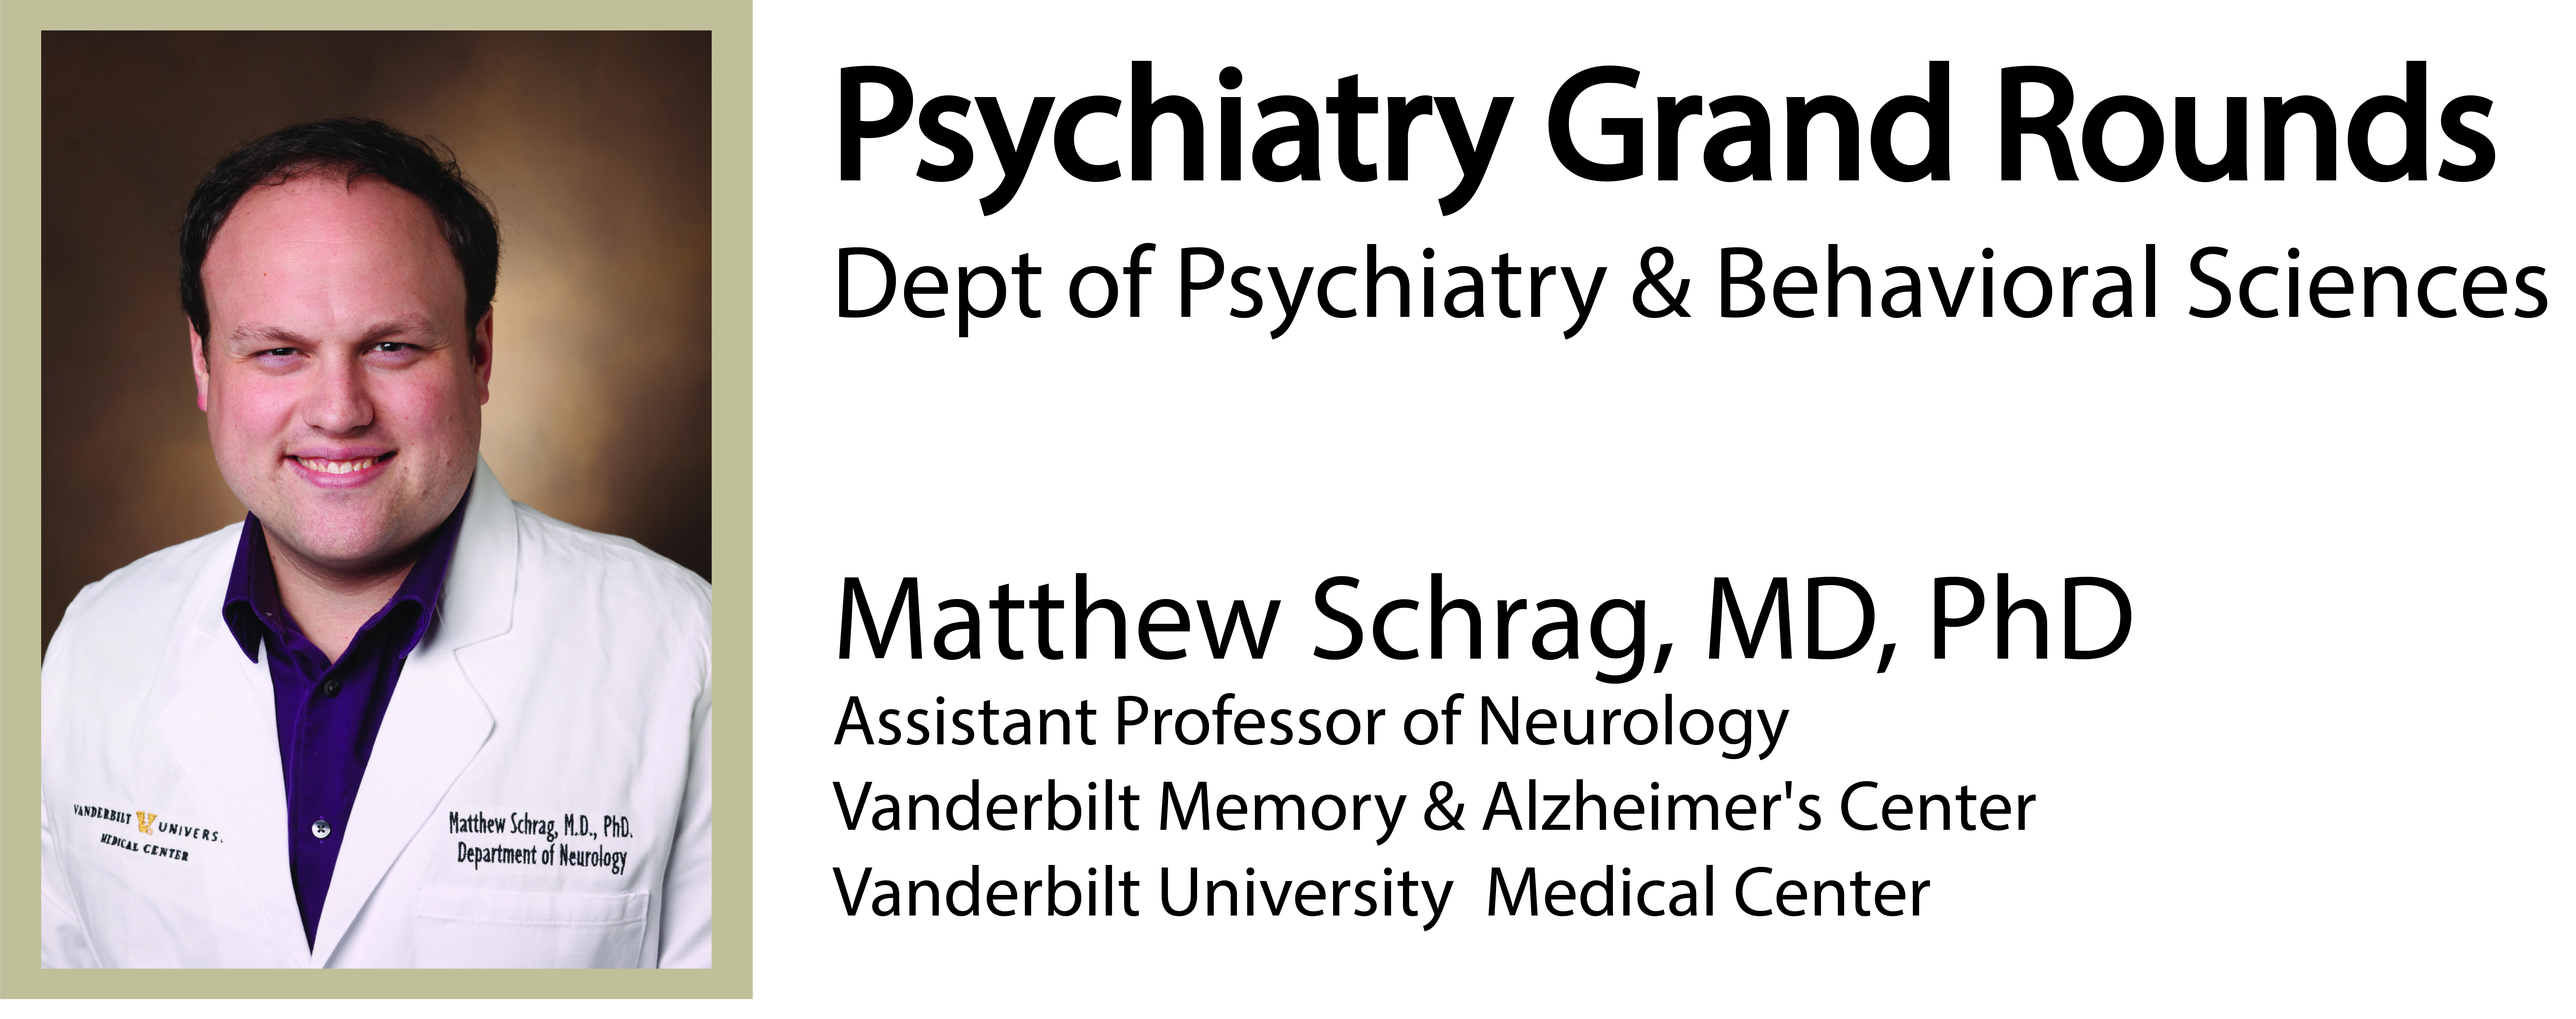 Matthew Schrag, MD, PhD